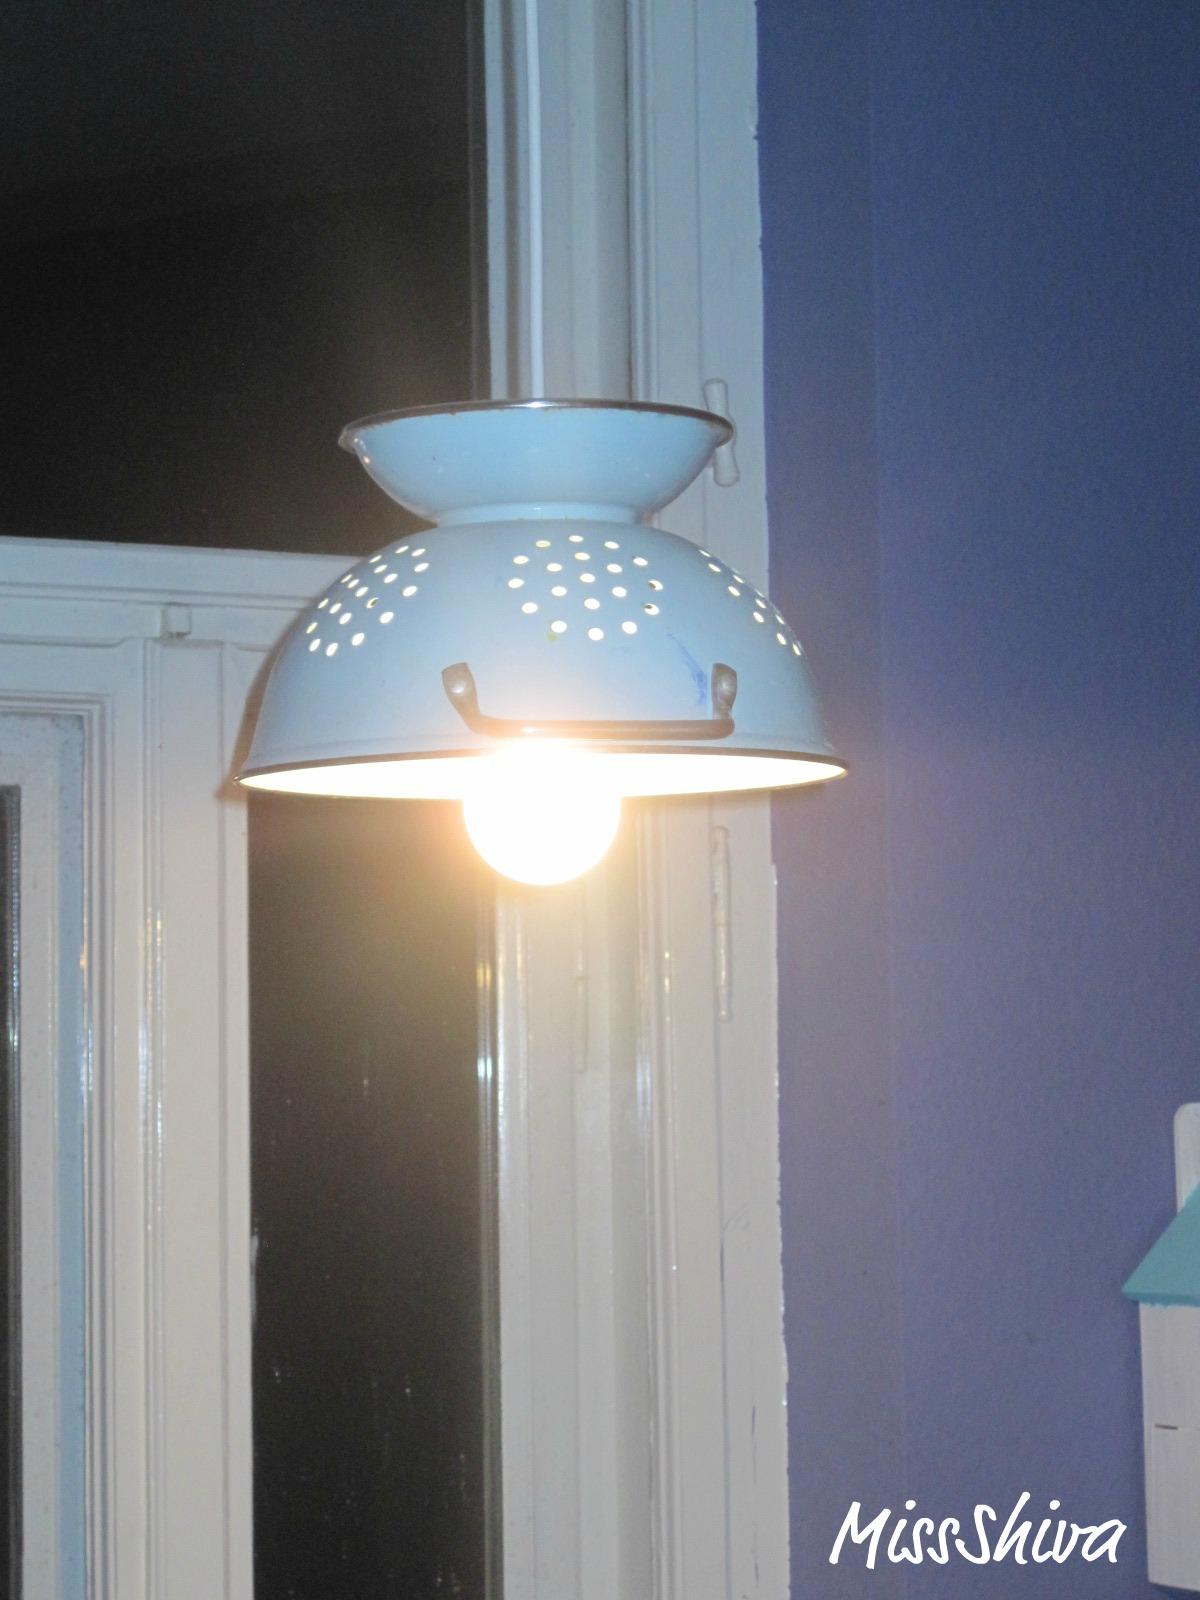 baumstamm lampe diy lampe with baumstamm lampe latest baumstamm lampe holzlampe with baumstamm. Black Bedroom Furniture Sets. Home Design Ideas